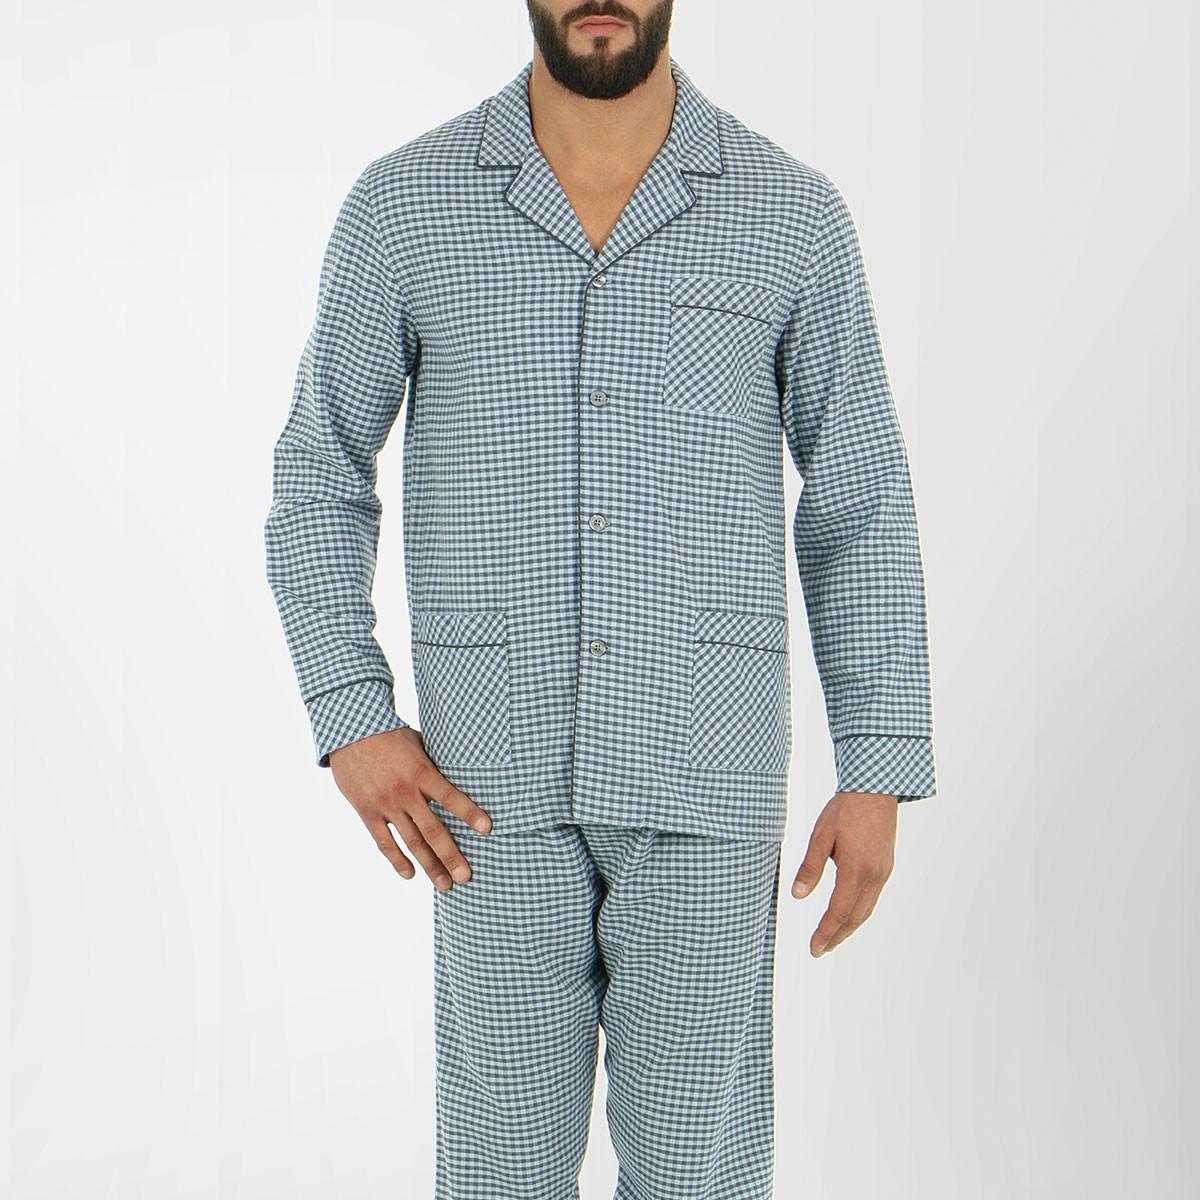 Homme et sommeil : comment s'habille-t-il ?